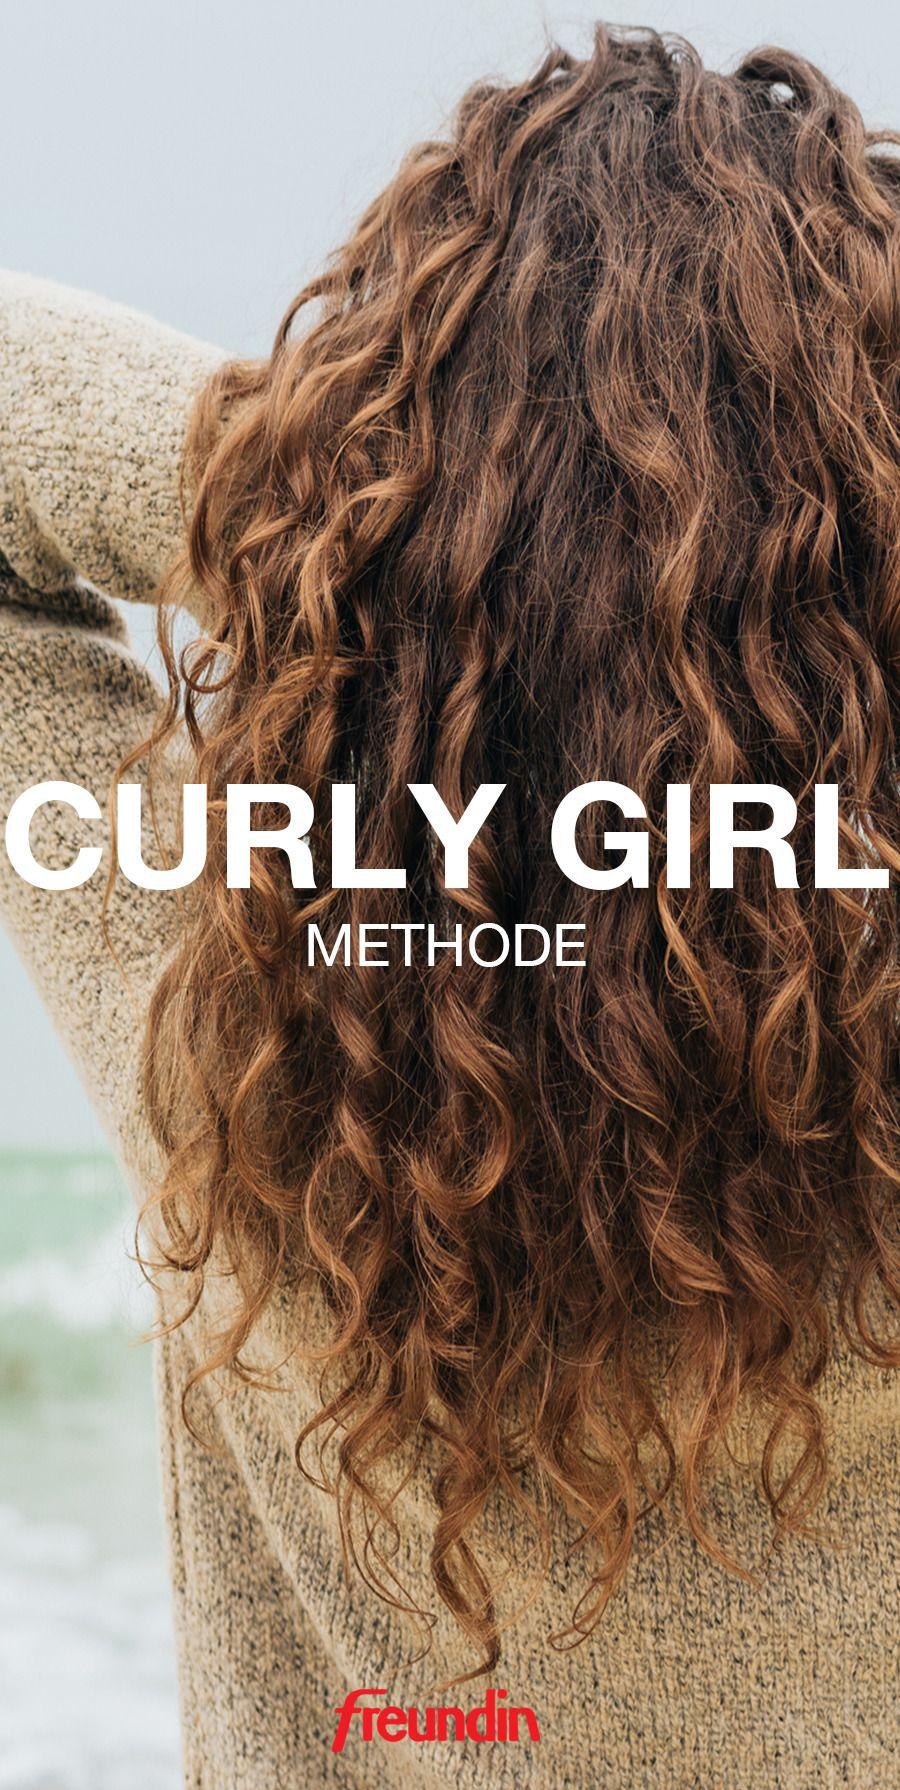 Locken Zahmen Mit Der Curly Girl Methode Lockige Haare Stylen Lockige Haare Und Lockenpflege